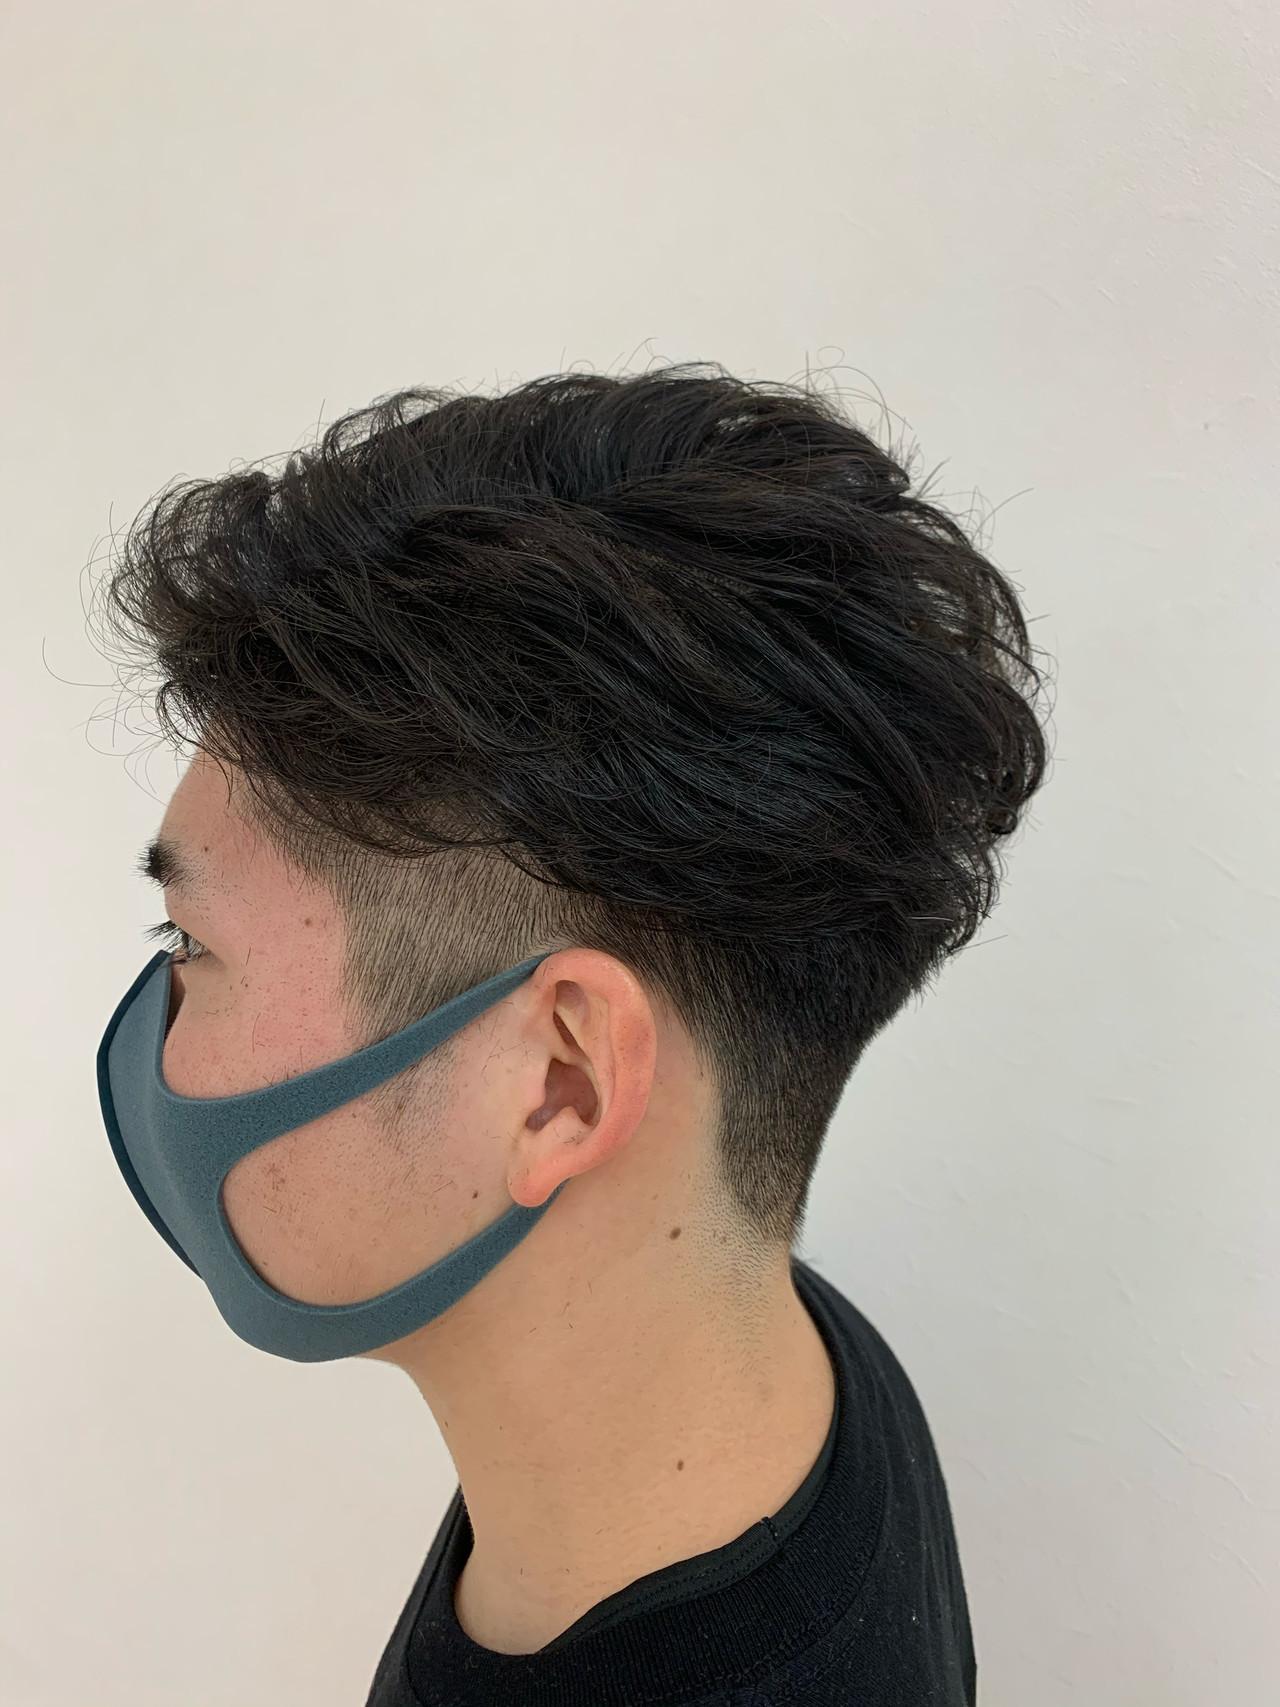 メンズカット ナチュラル メンズショート ショート ヘアスタイルや髪型の写真・画像